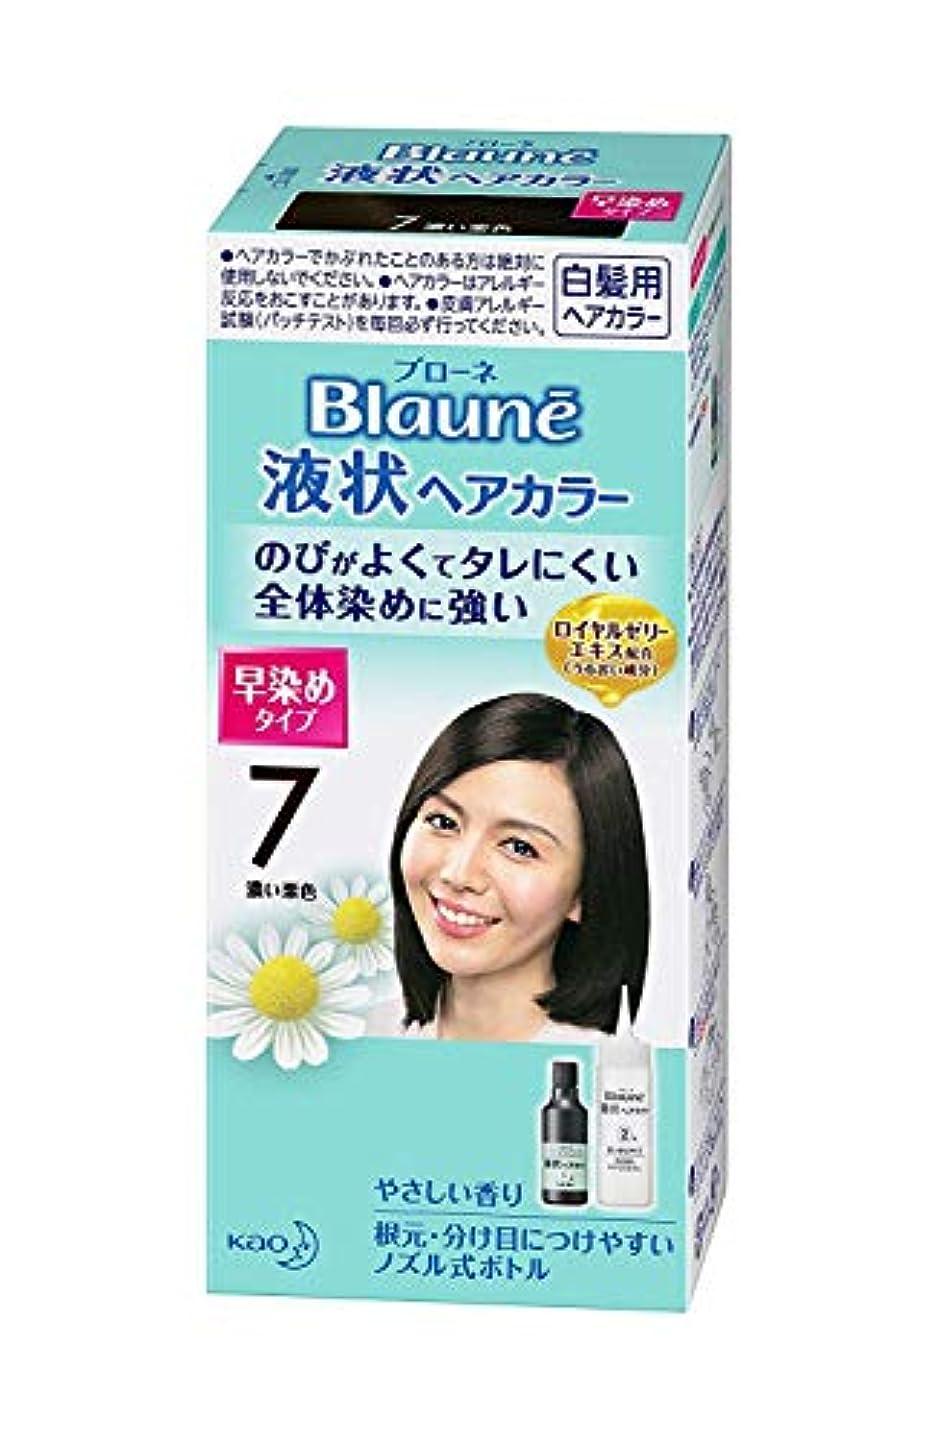 スプリットアレルギーくすぐったい【花王】ブローネ 液状ヘアカラー 7 濃い栗色 90ml ×20個セット